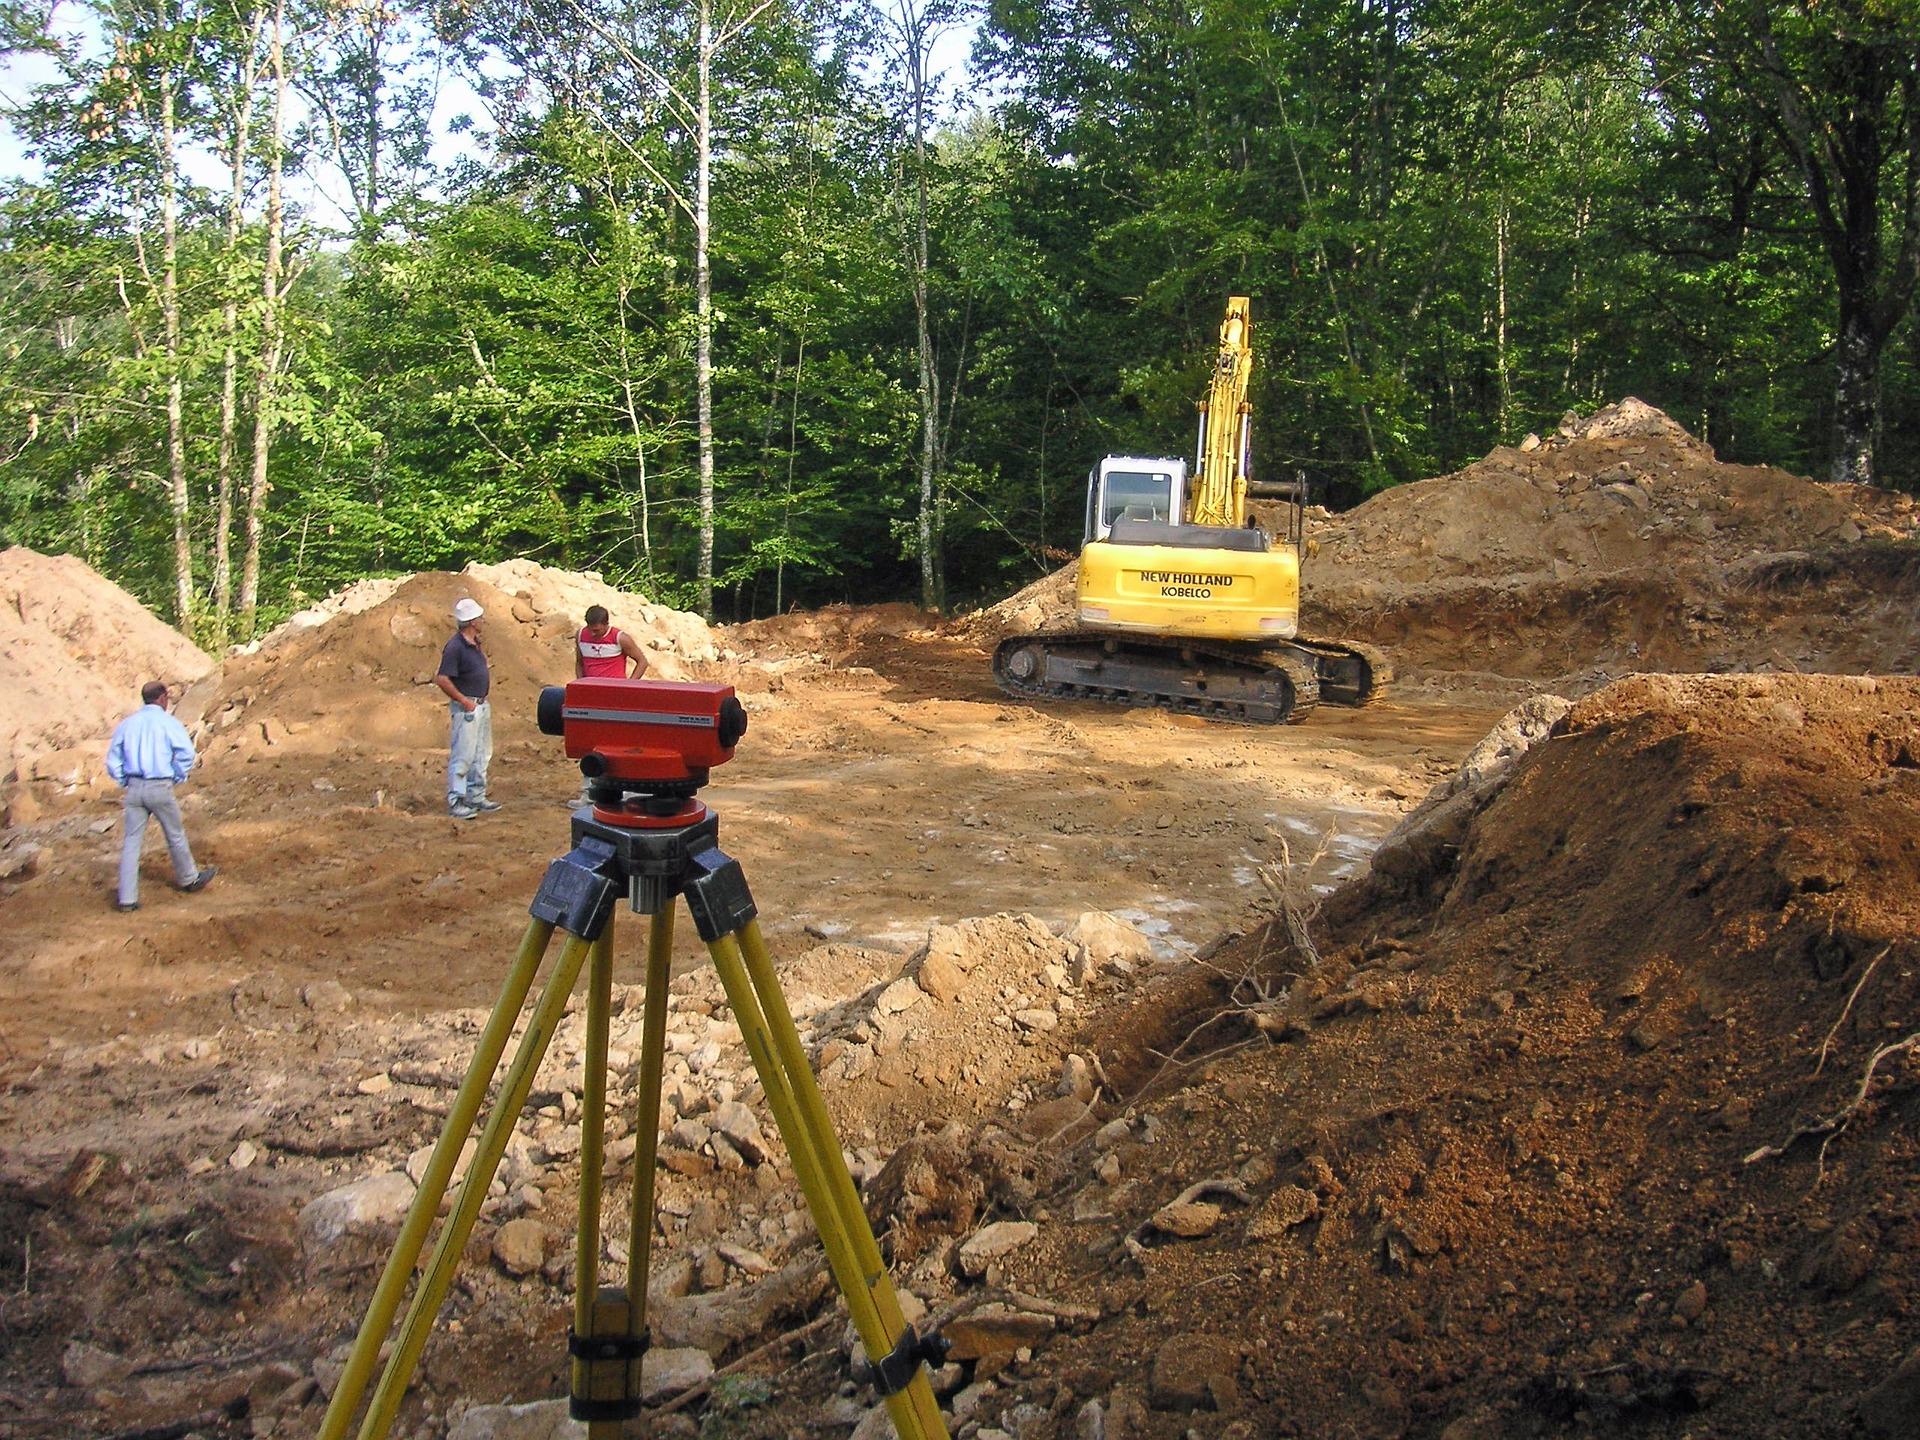 Surveying